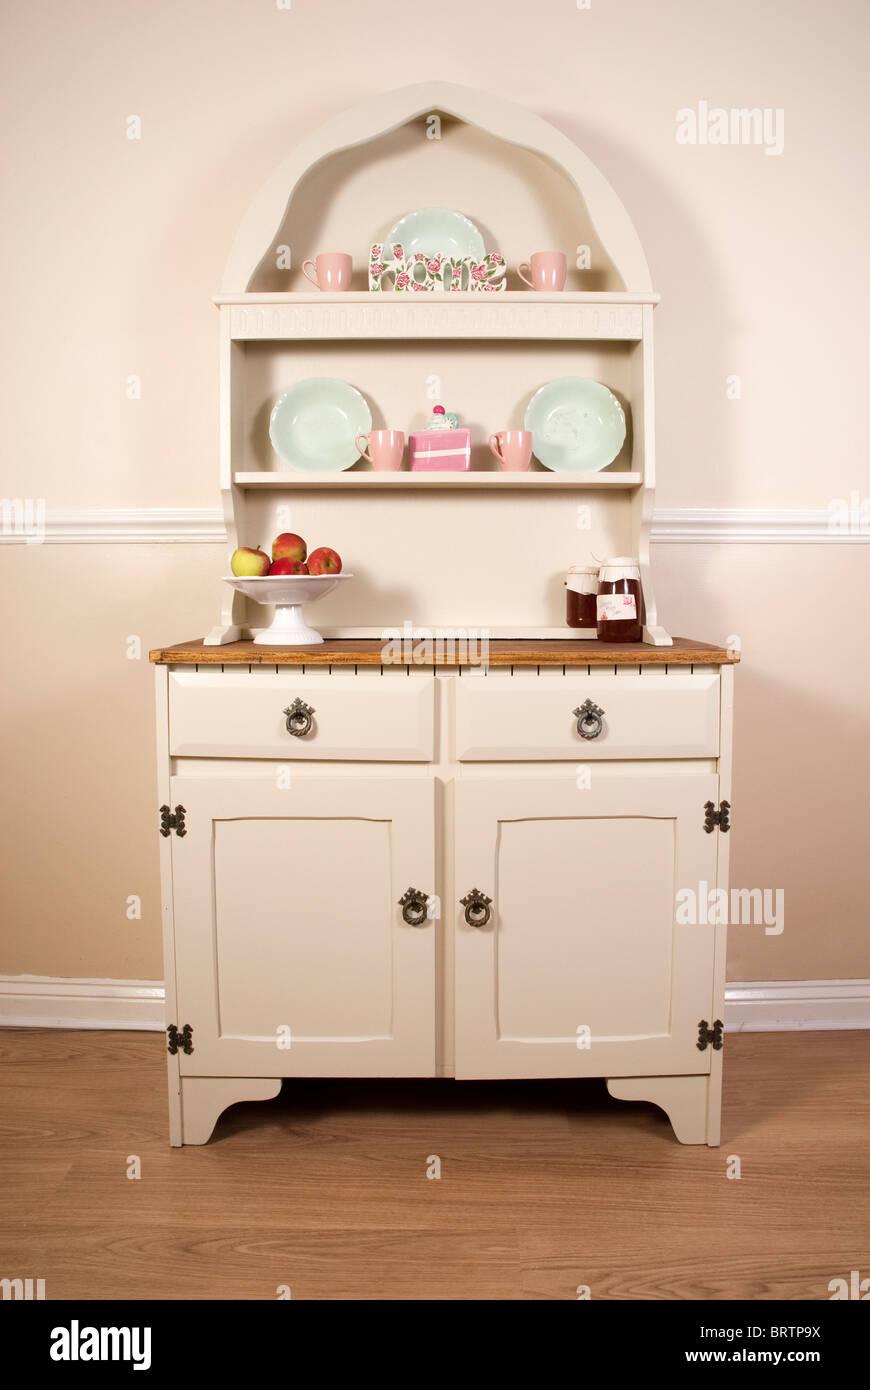 Kitchen Dresser Stock Photos & Kitchen Dresser Stock Images - Alamy